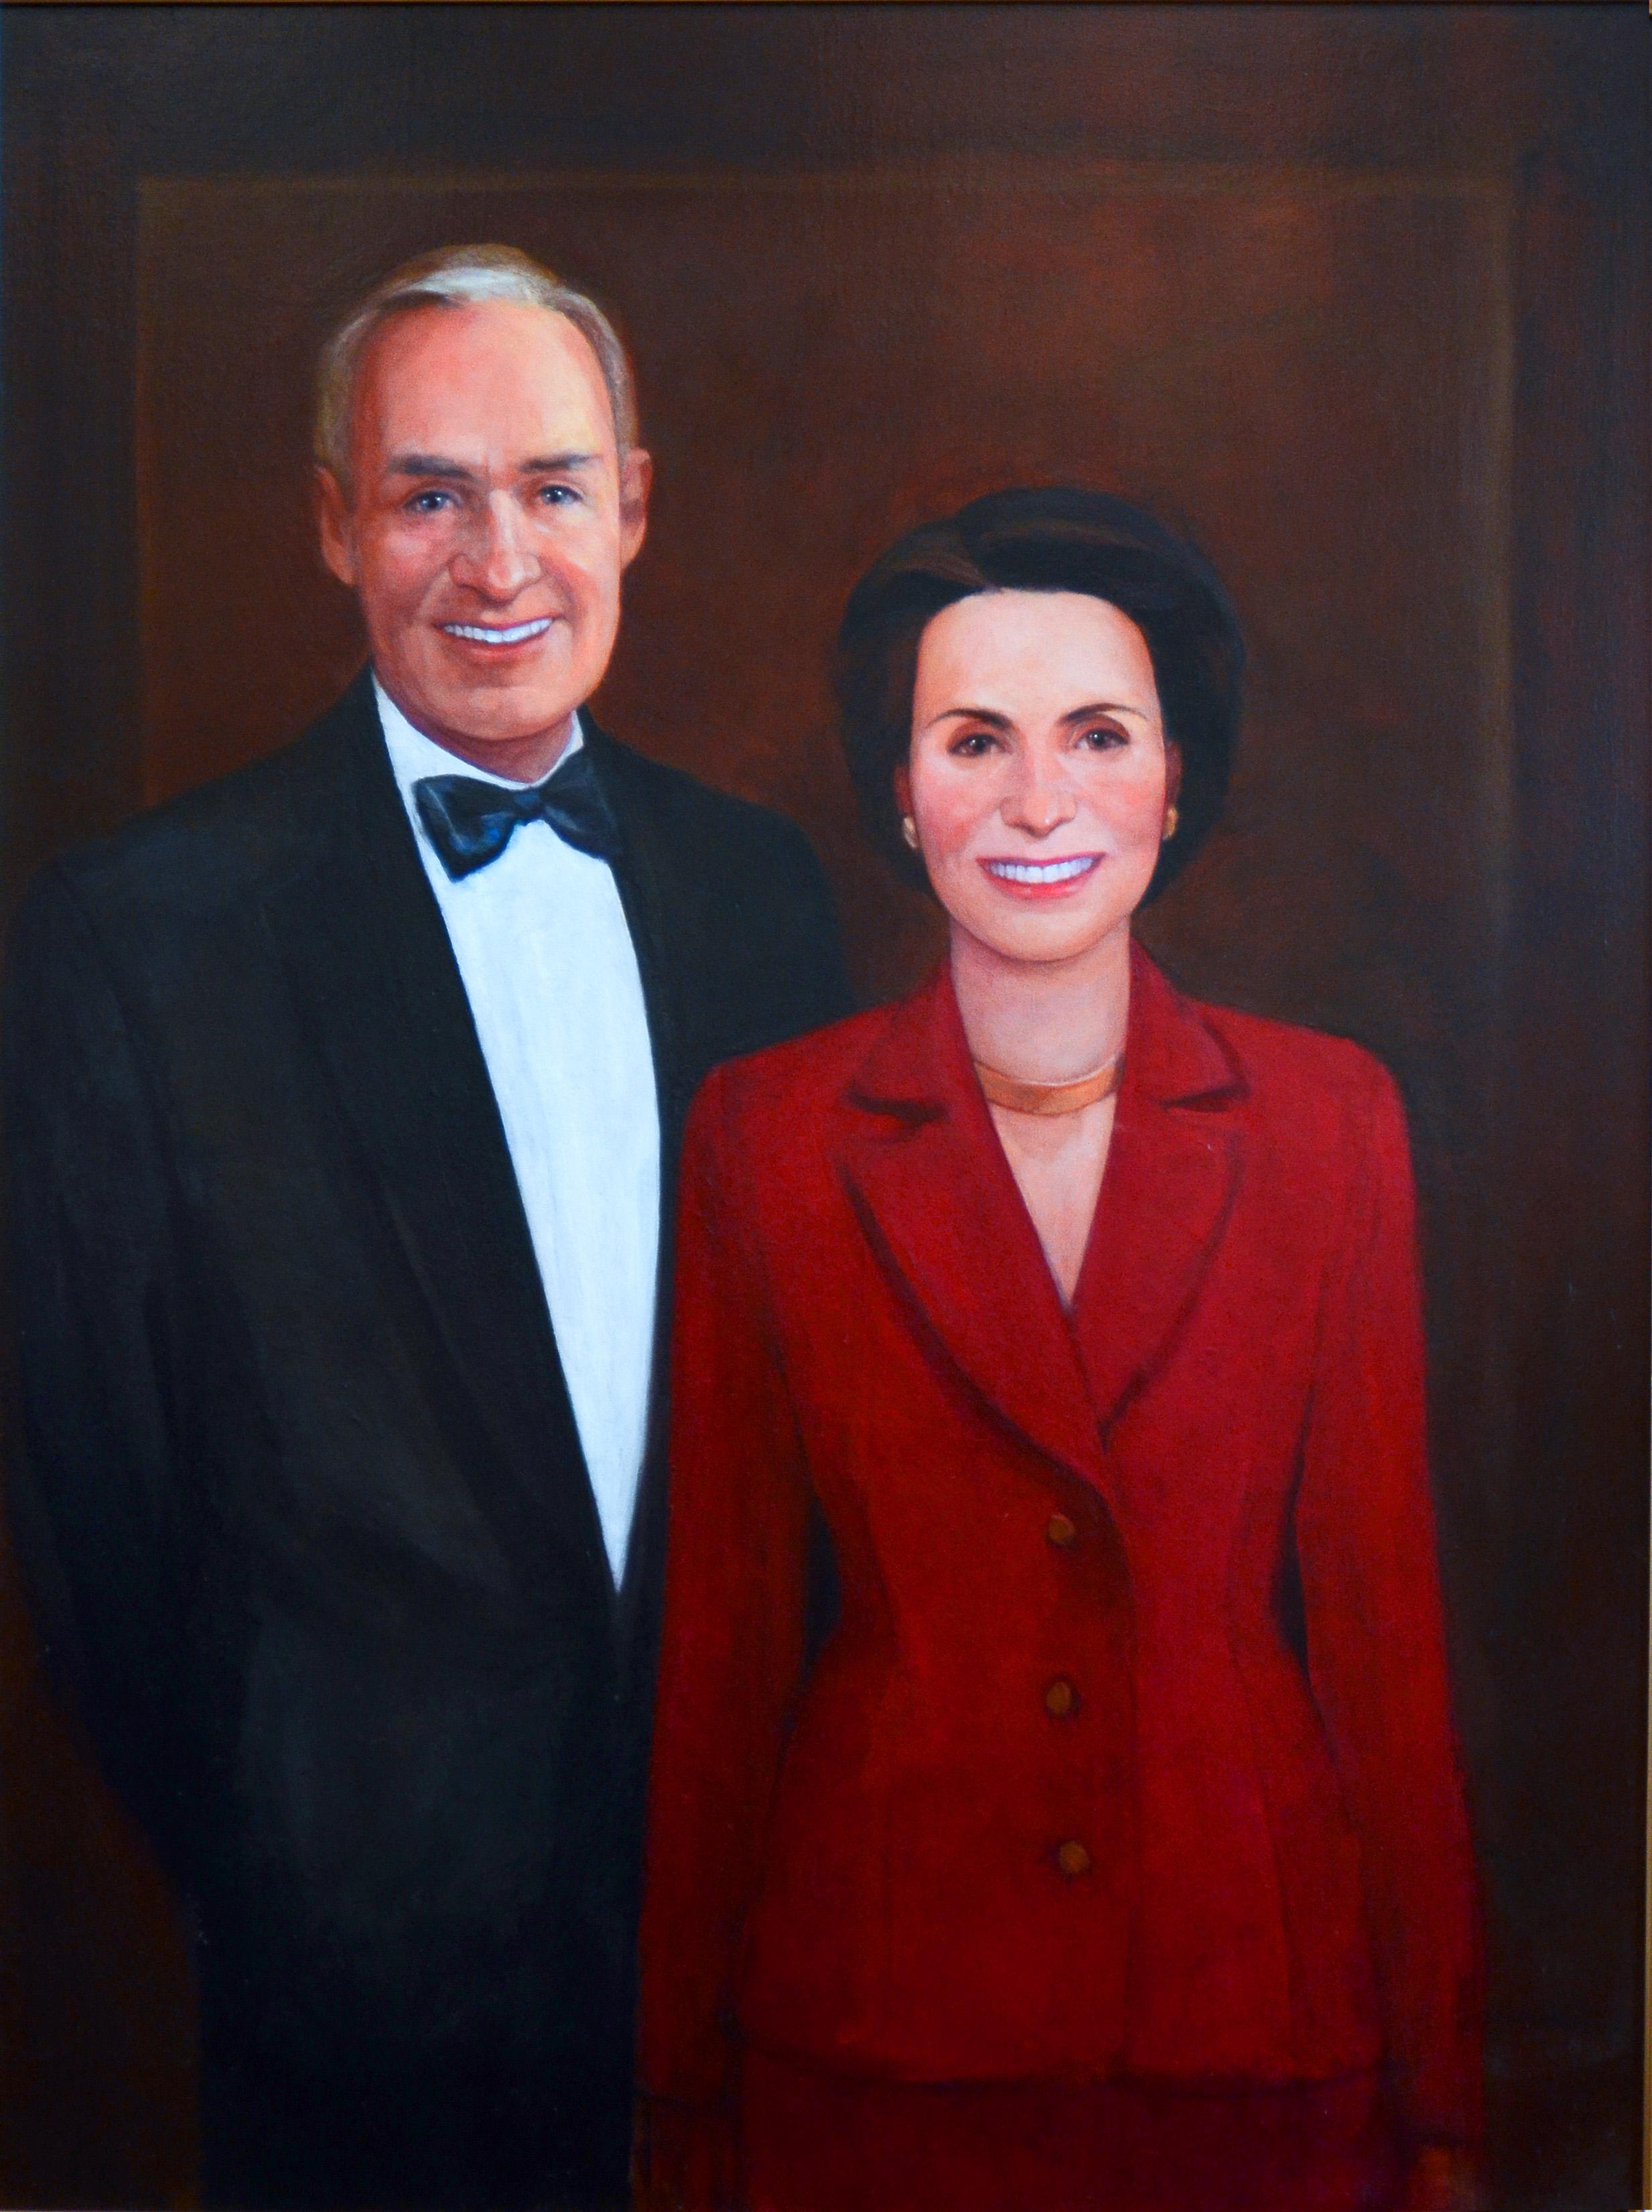 Bob and Mary Galvin